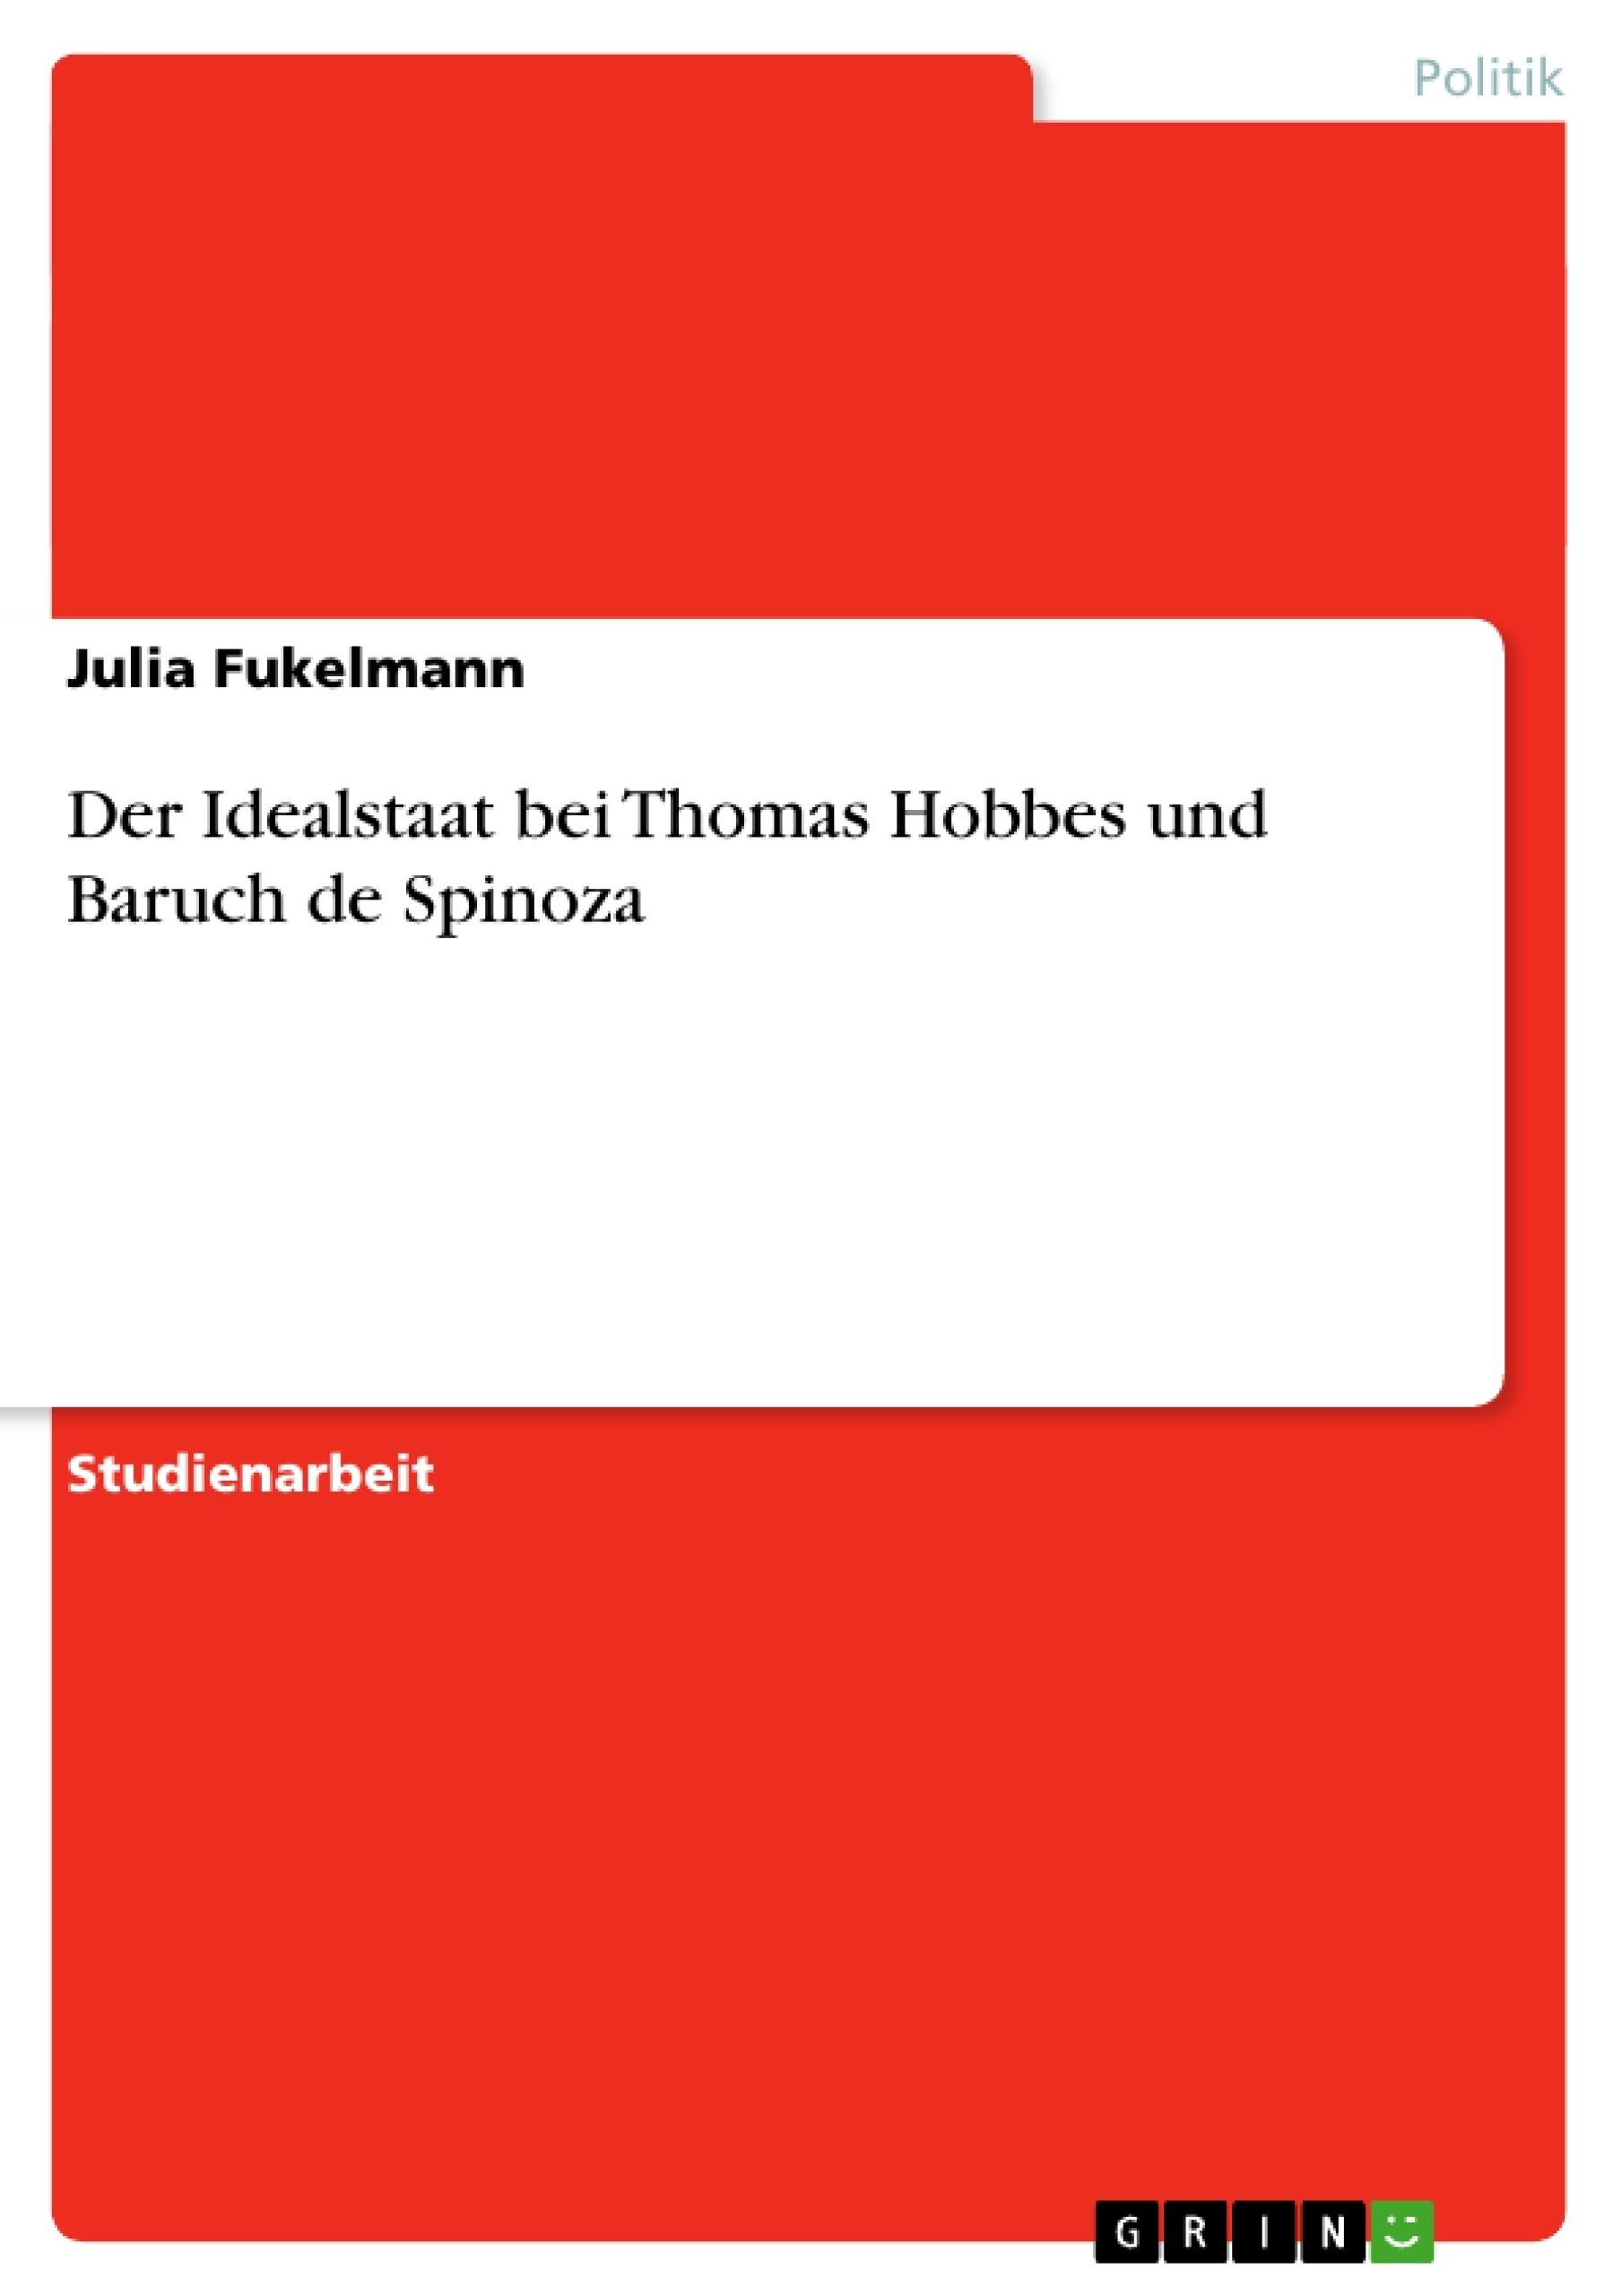 Titel: Der Idealstaat bei Thomas Hobbes und Baruch de Spinoza